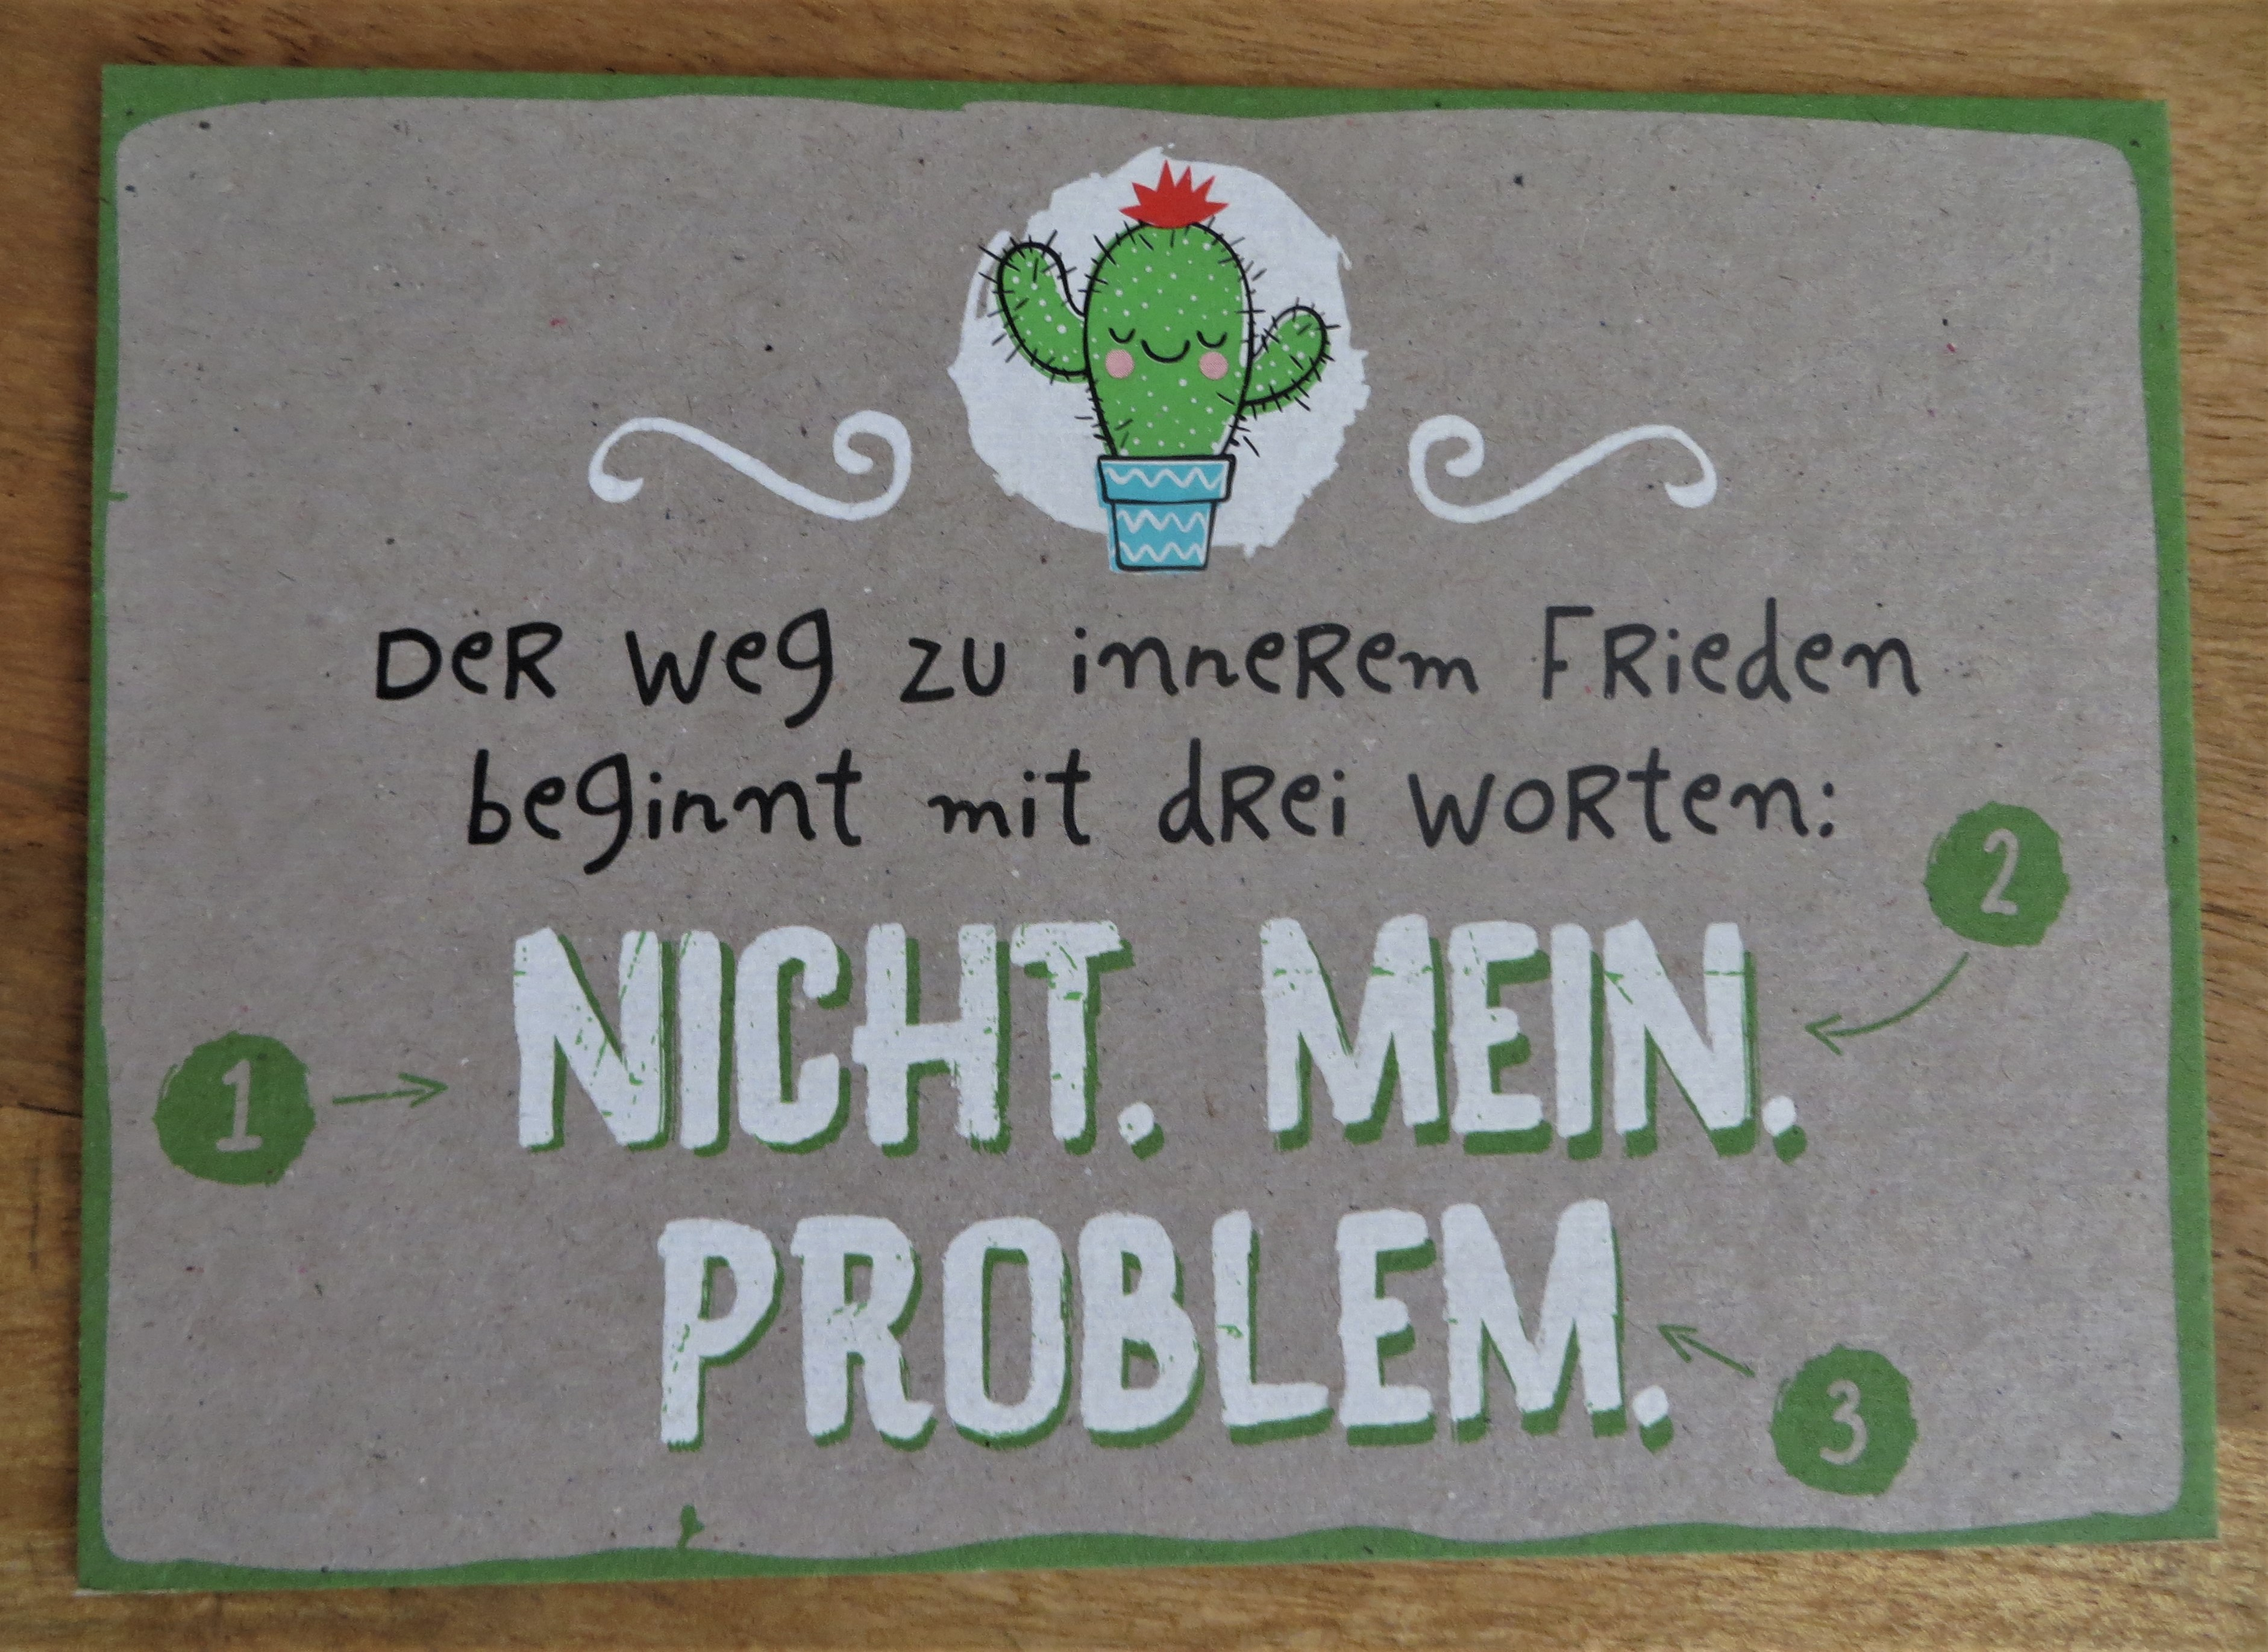 Nützlichgrusskarten - Postkarte Der Weg zu innerem Frieden beginnt mit drei Worten... KUNST und BILD - Onlineshop Tante Emmer